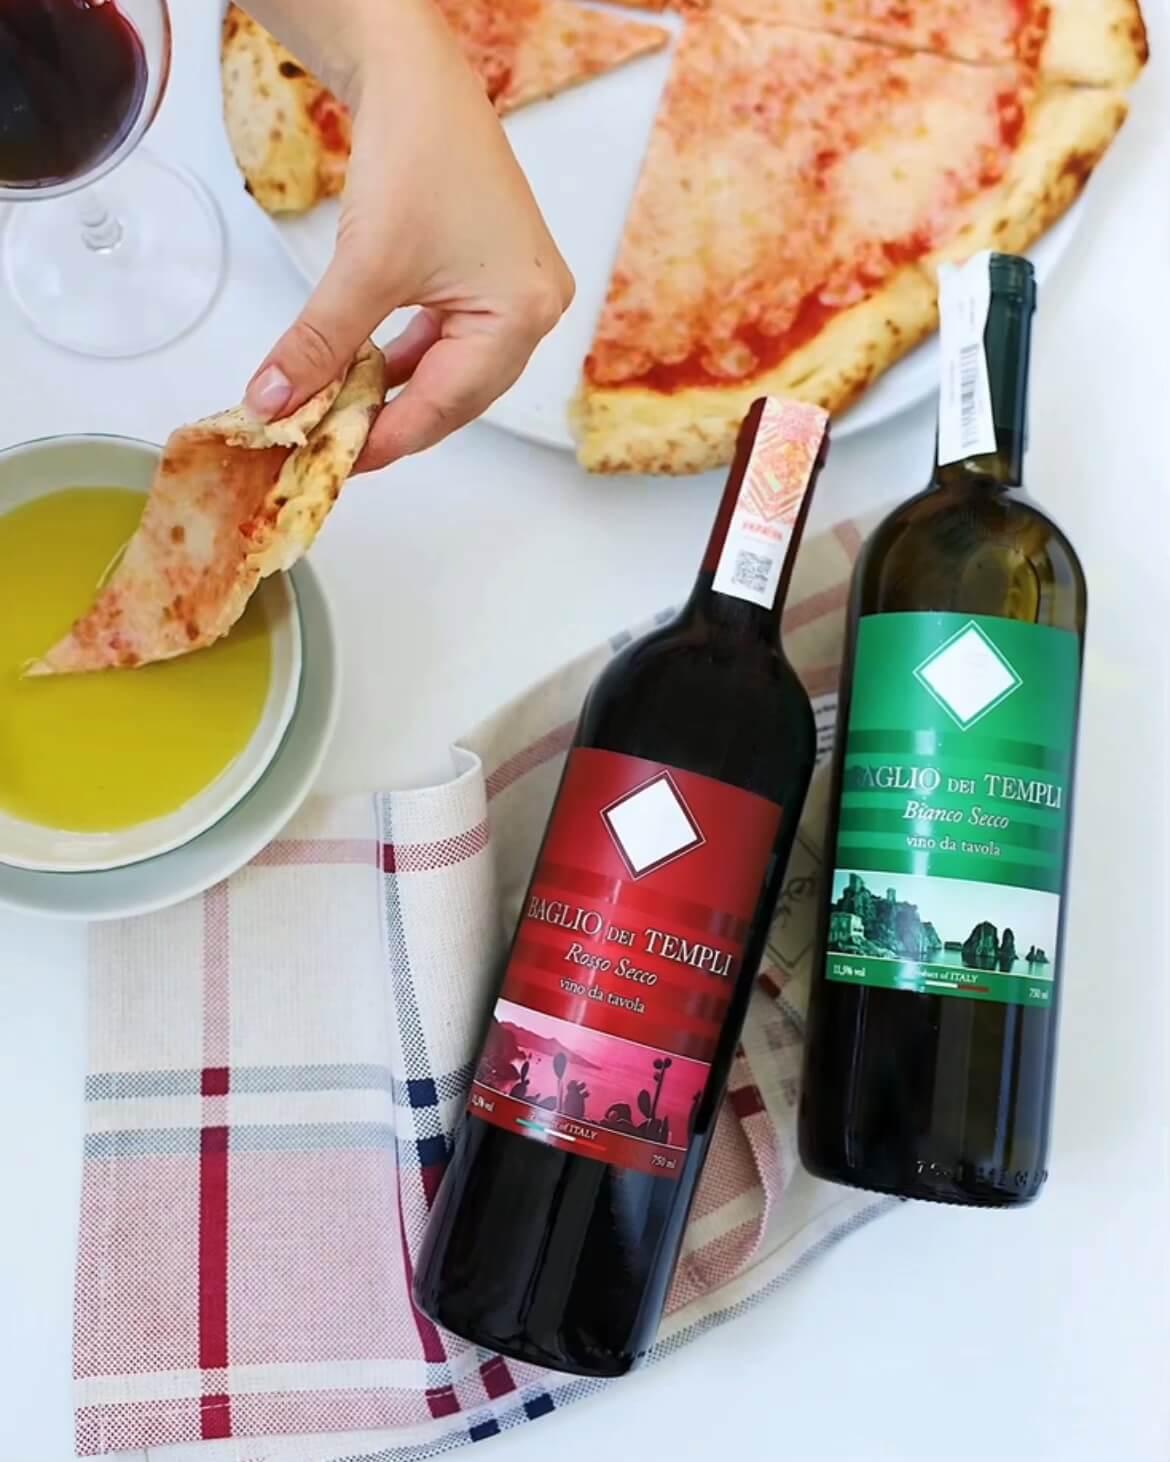 Піца та вино! Чи можна знайти смачнішу пару?